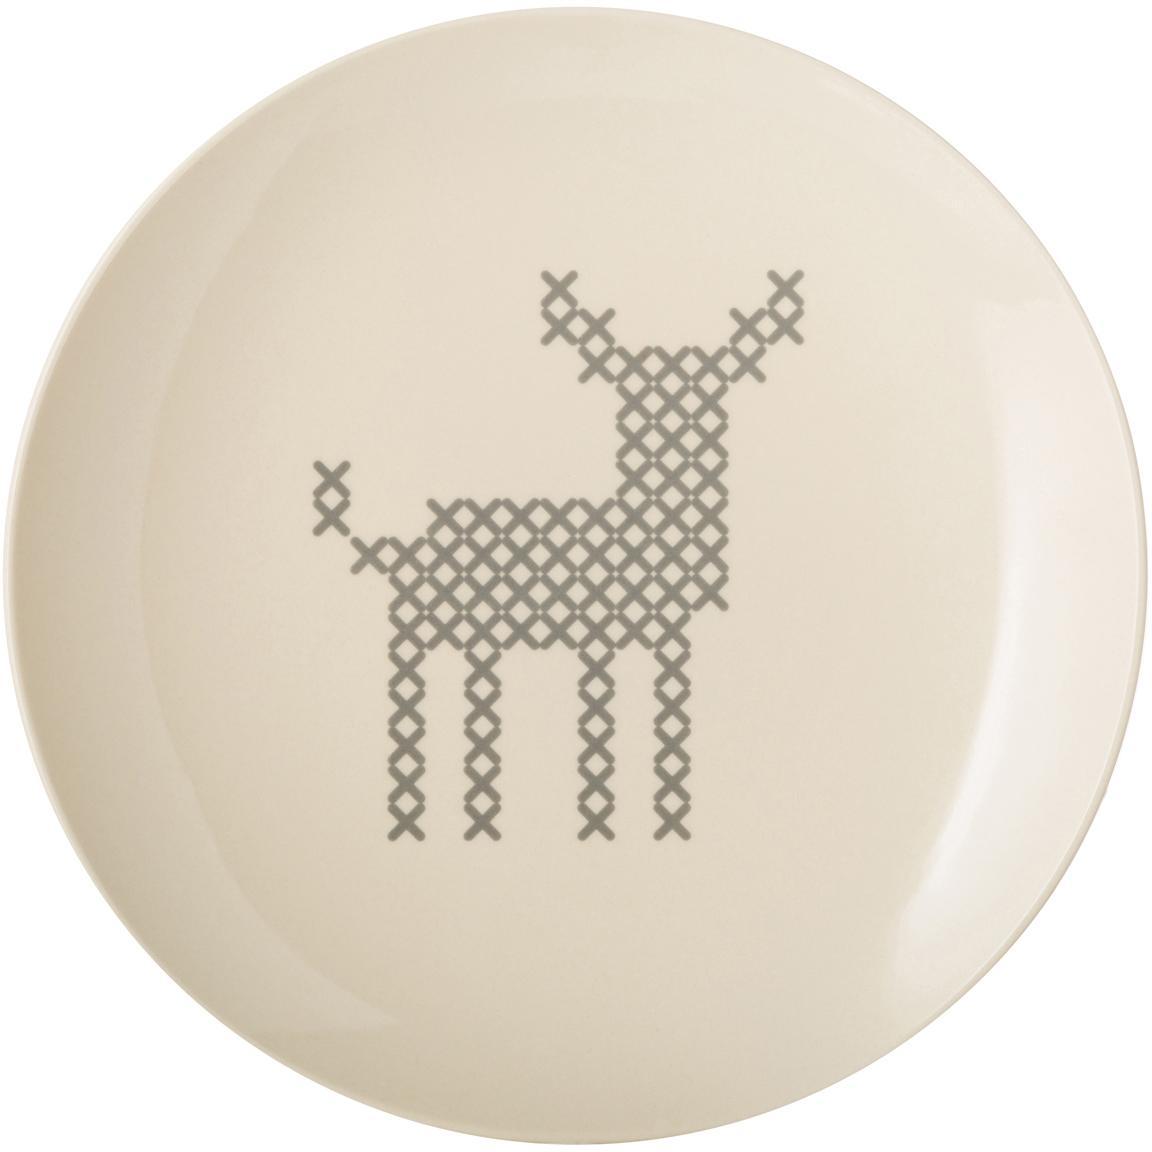 Piattino da dessert con motivo cervo Cross, Ceramica, Bianco spezzato, grigio, Ø 20 cm